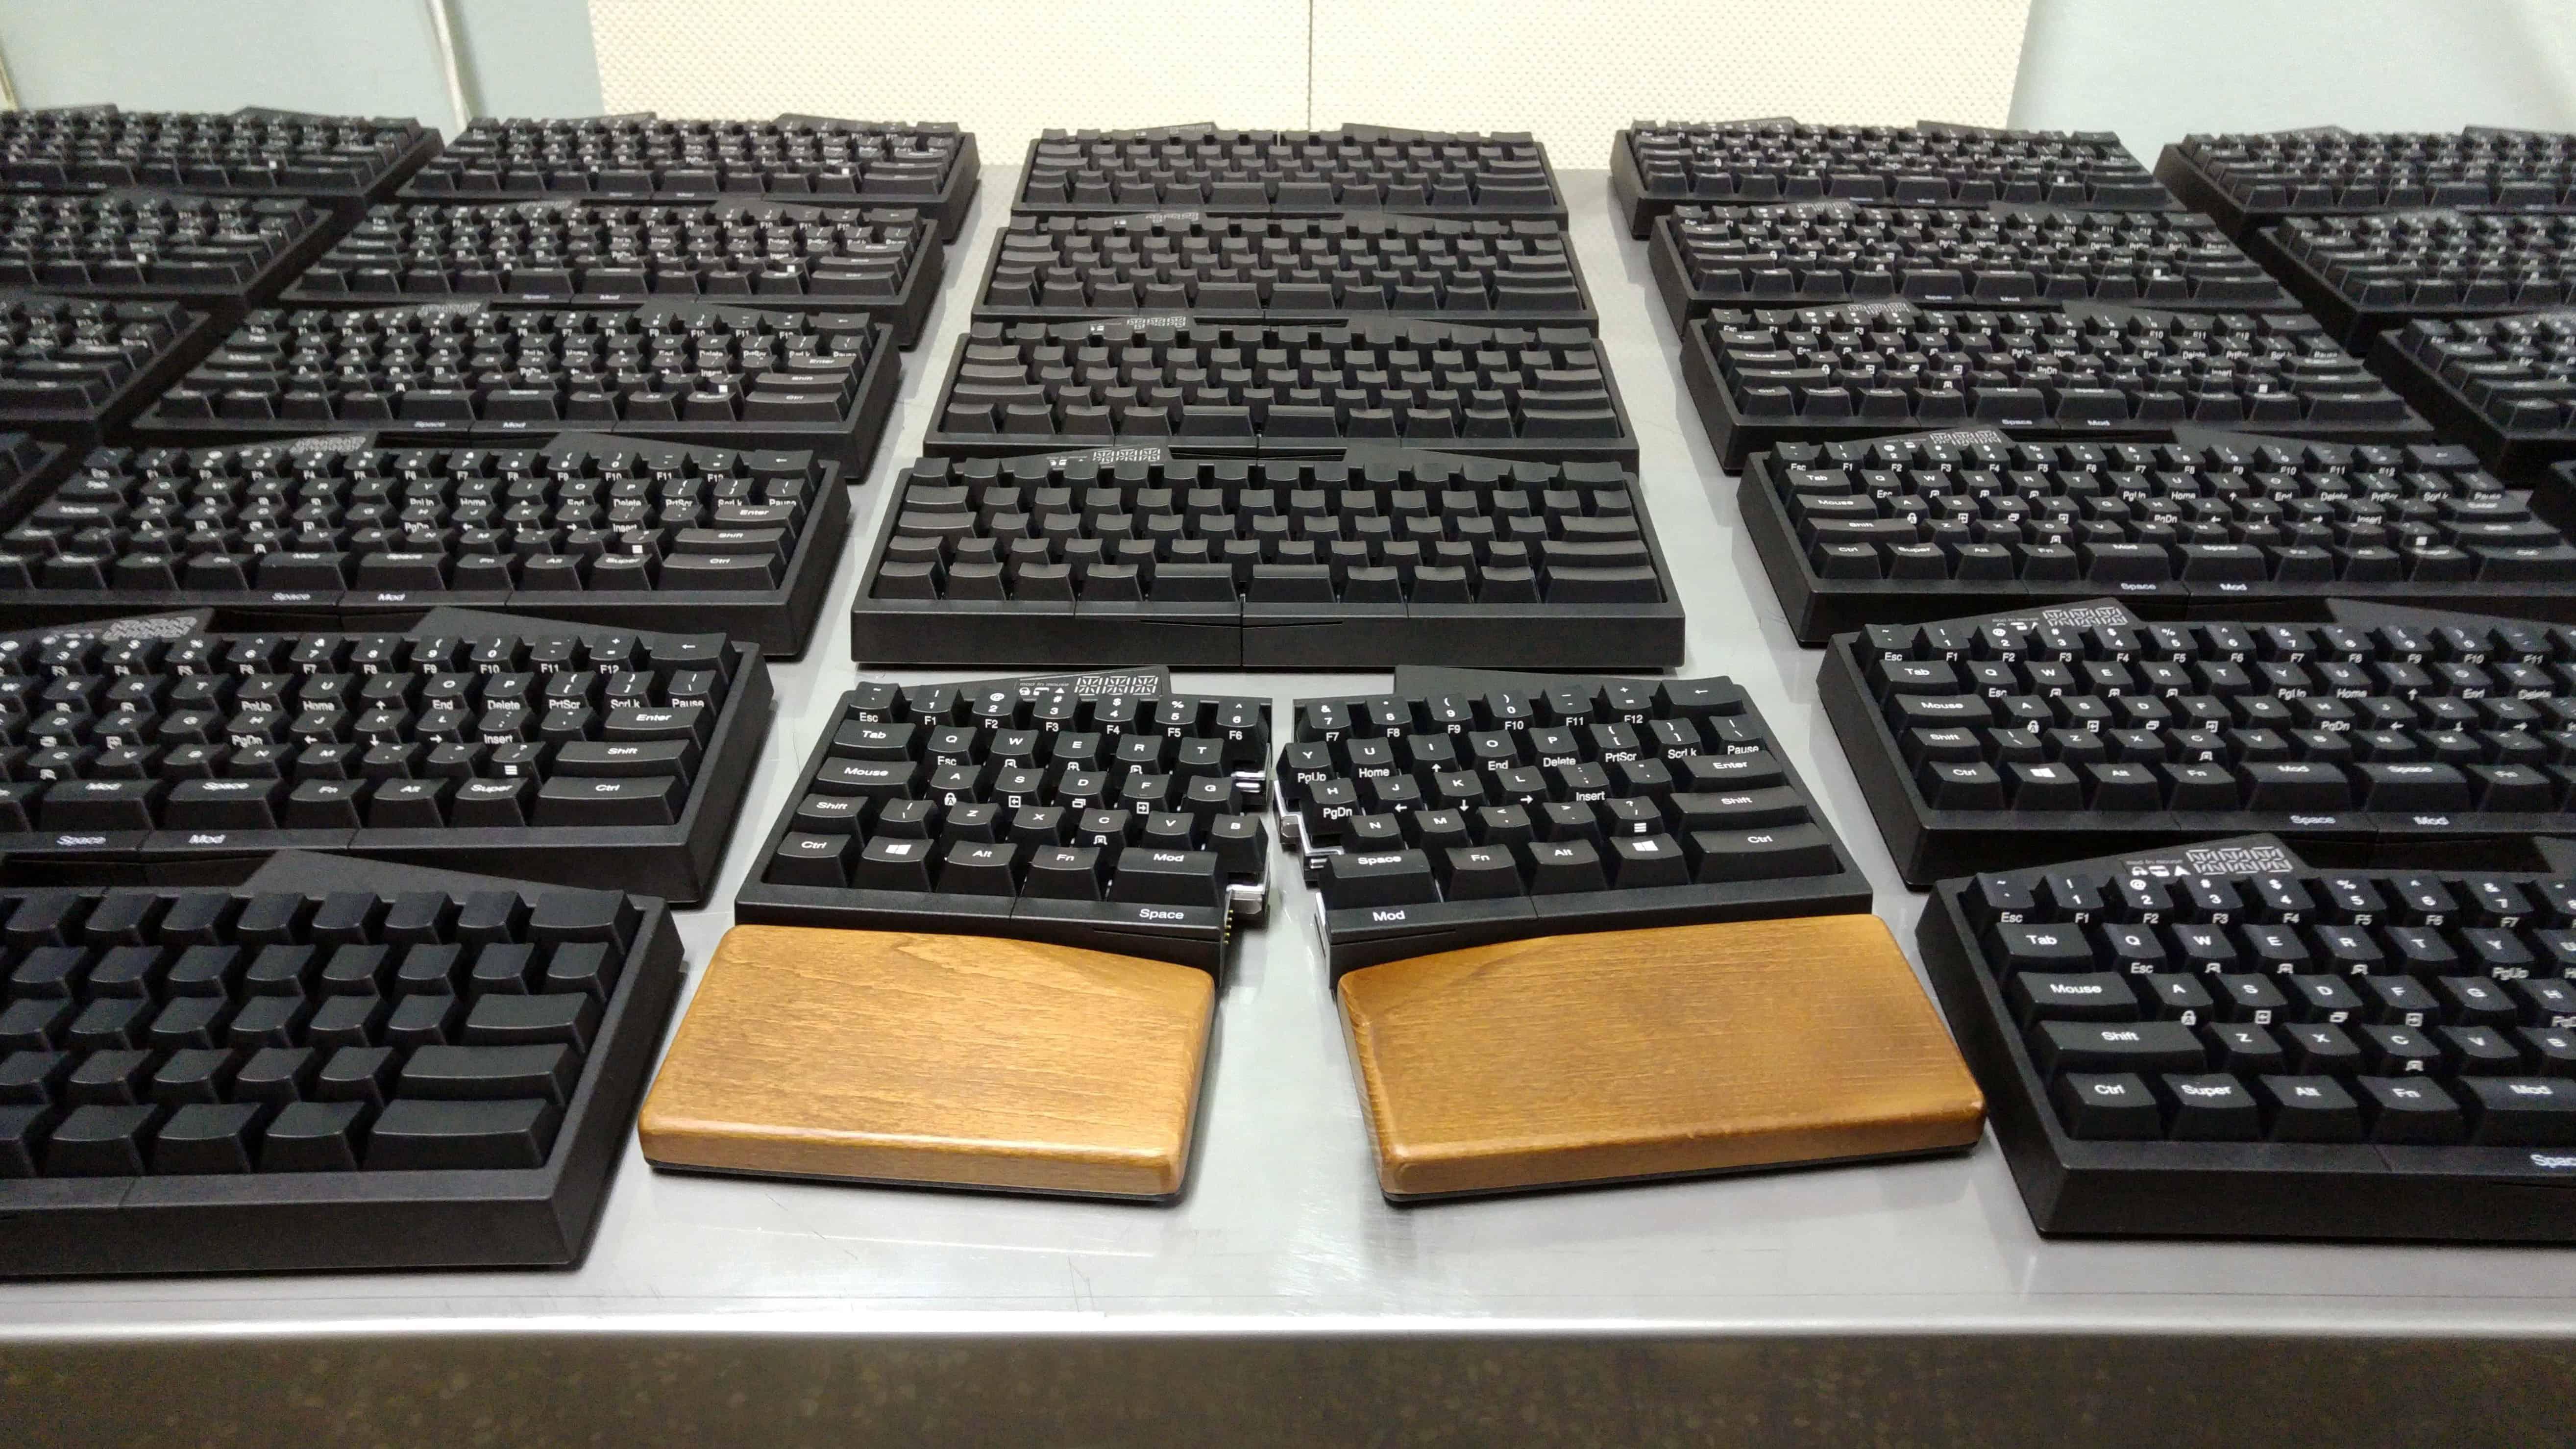 Tech talk ultimate hacking keyboard mechanical assembly biocorpaavc